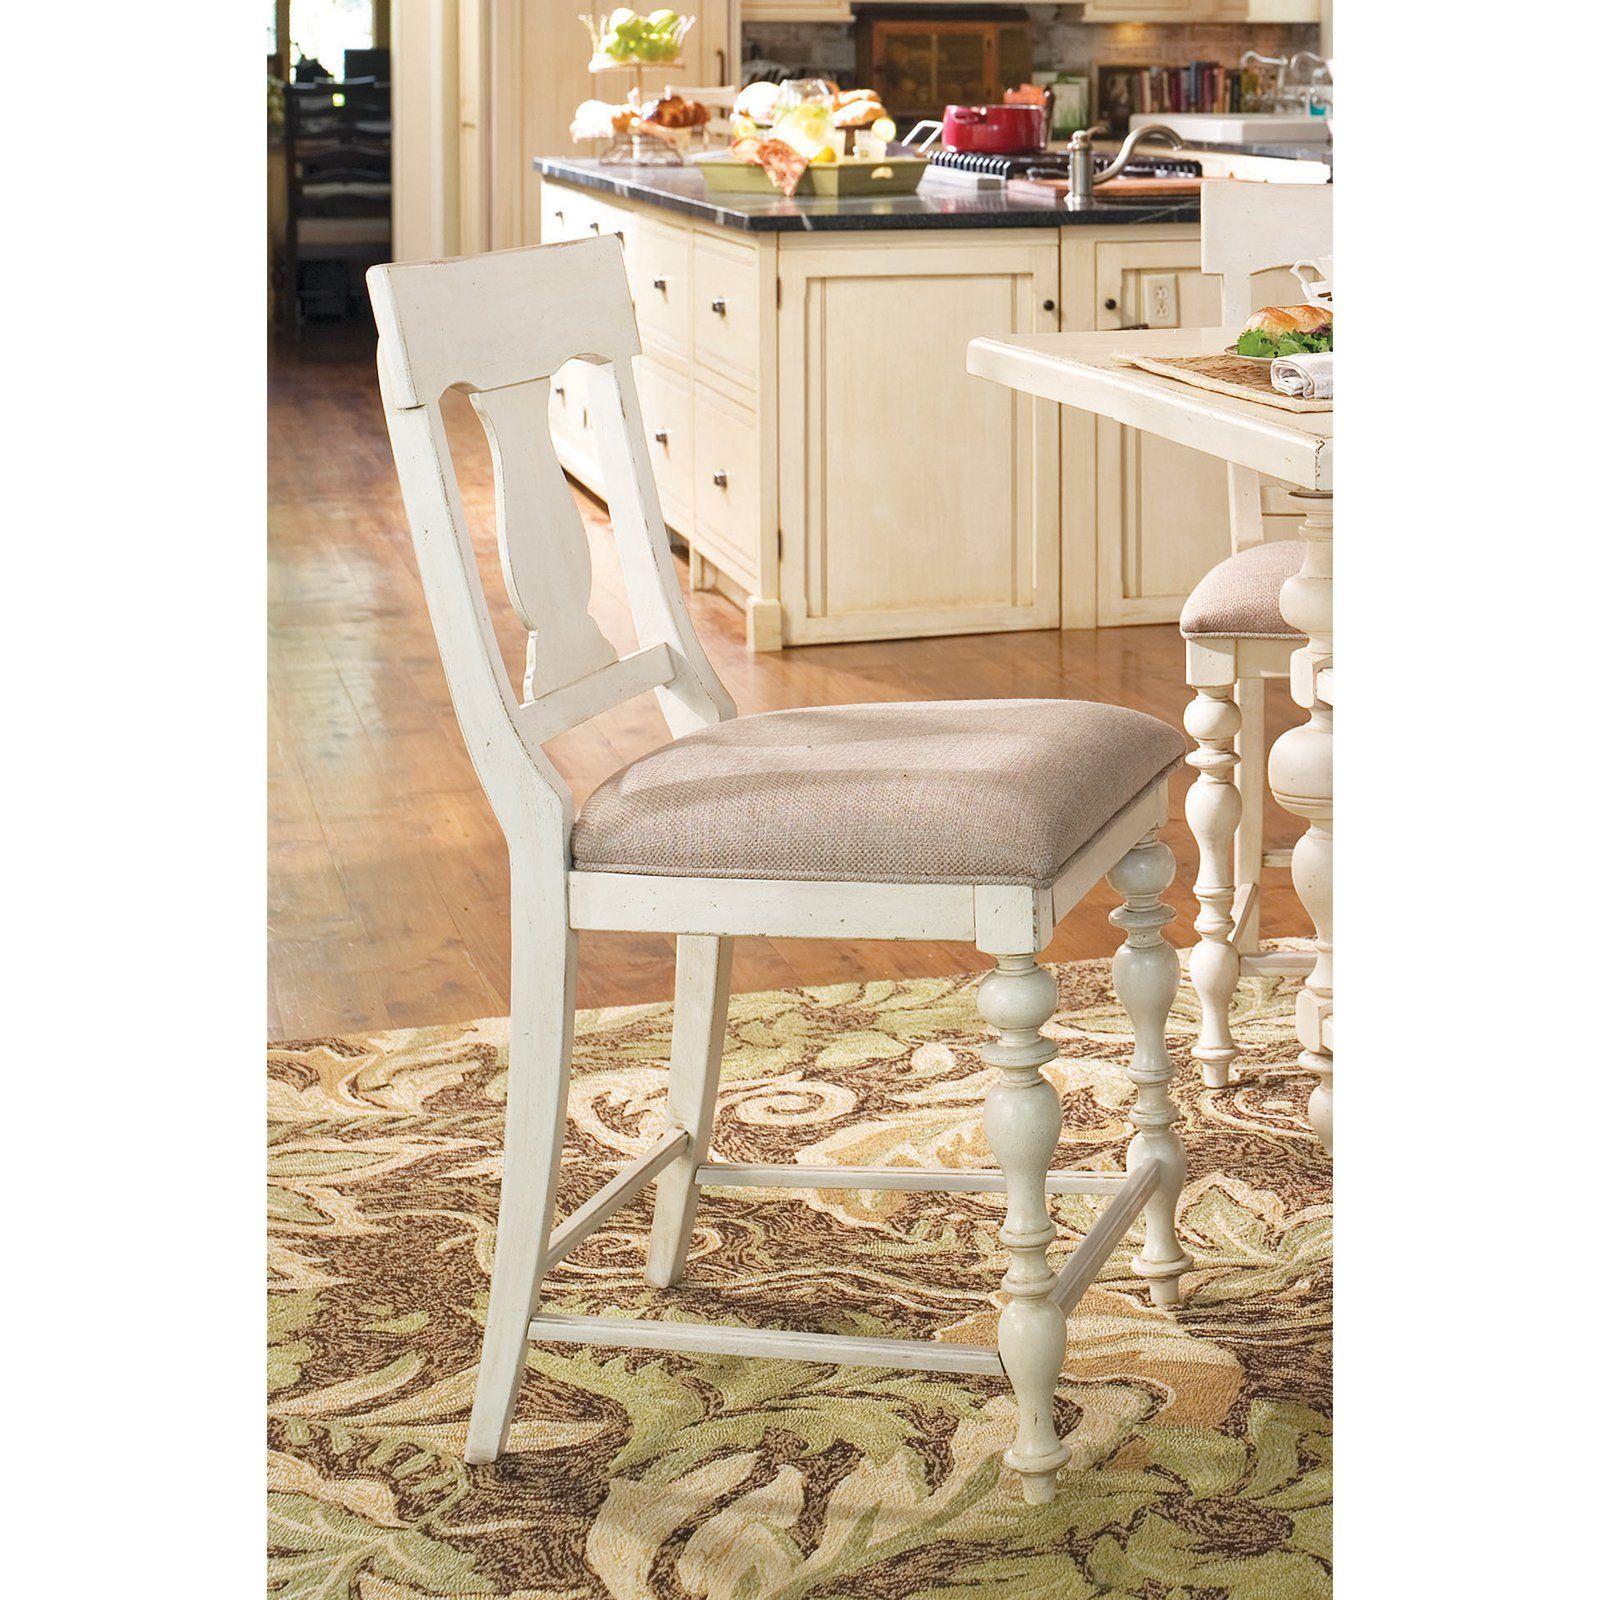 Paula Deen Furniture Replacement Parts: Paula Deen Home Counter Height Chair